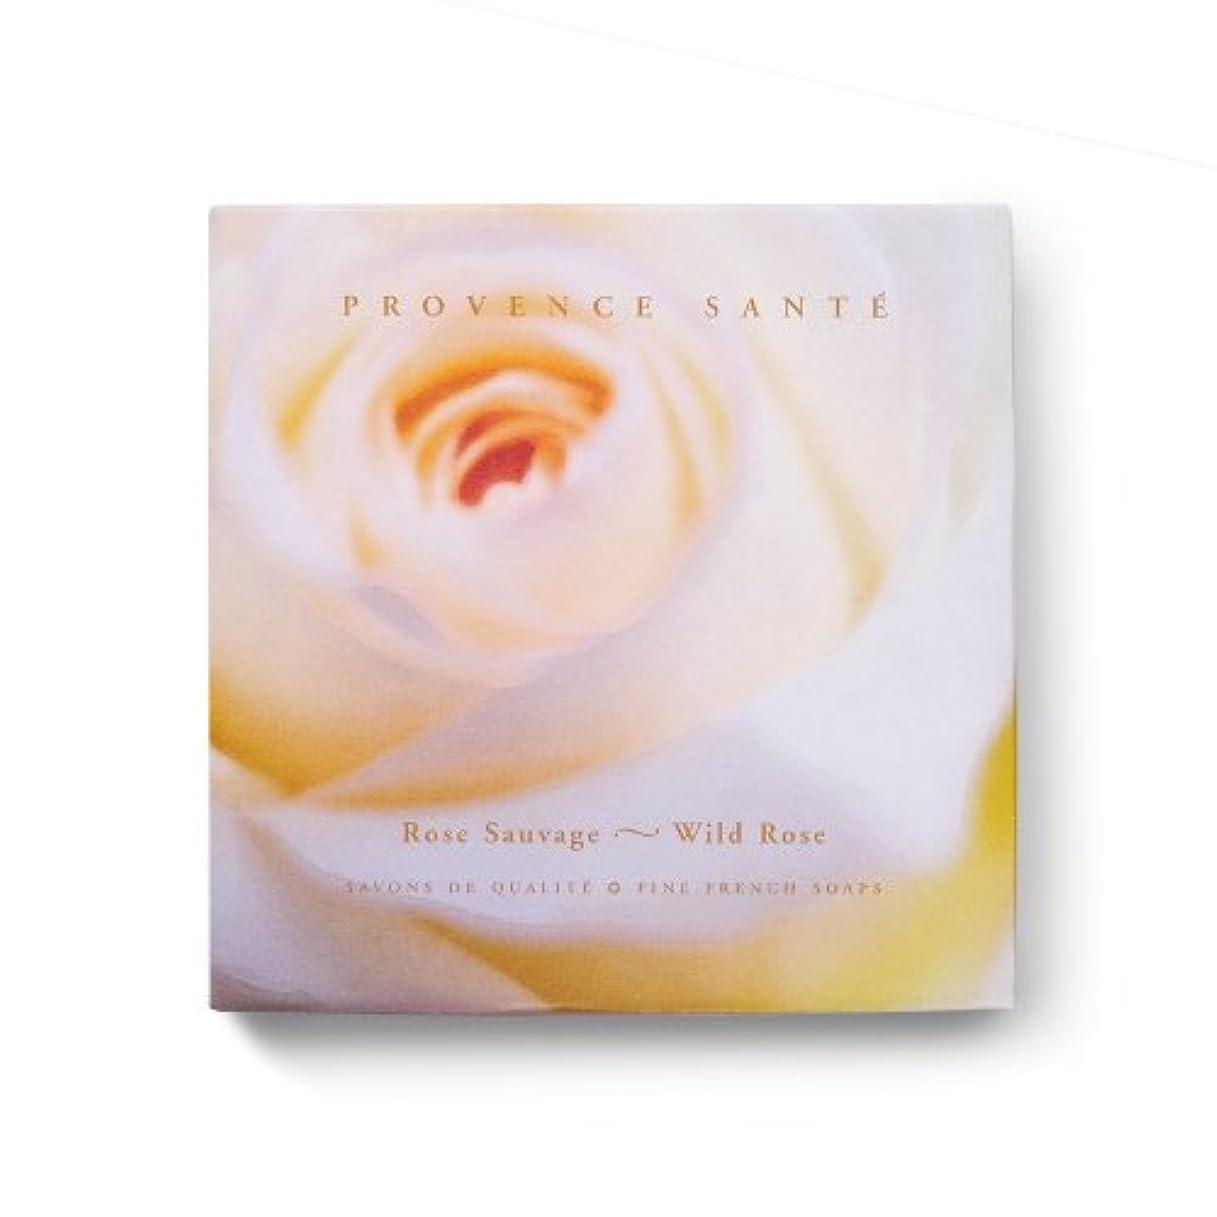 船乗り盗賊鹿Provence Sante PS Gift Soap Wild Rose, 2.7oz 4 Bar Gift Box by Provence Sante [並行輸入品]